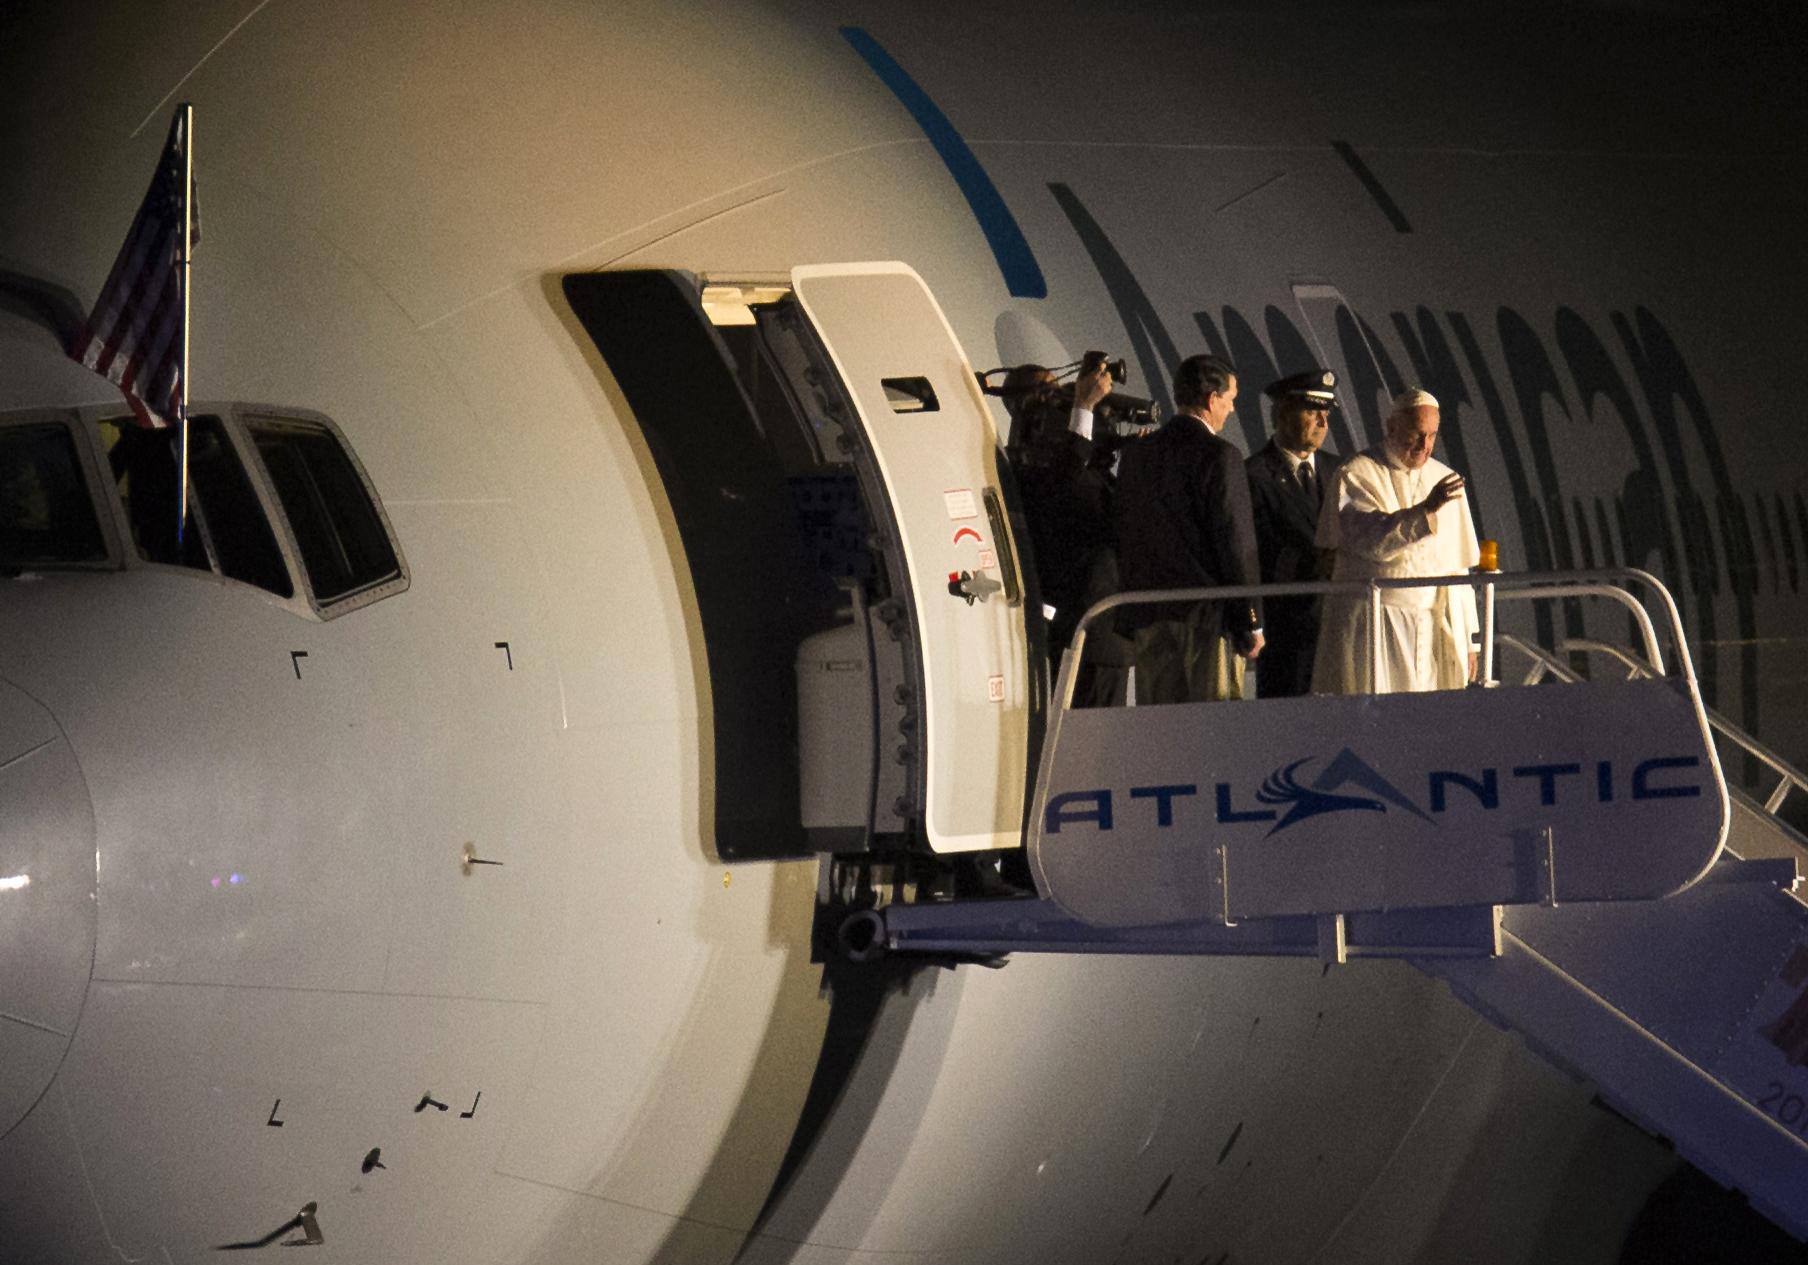 Завершилось 10-е Апостольское путешествие Папы Франциска